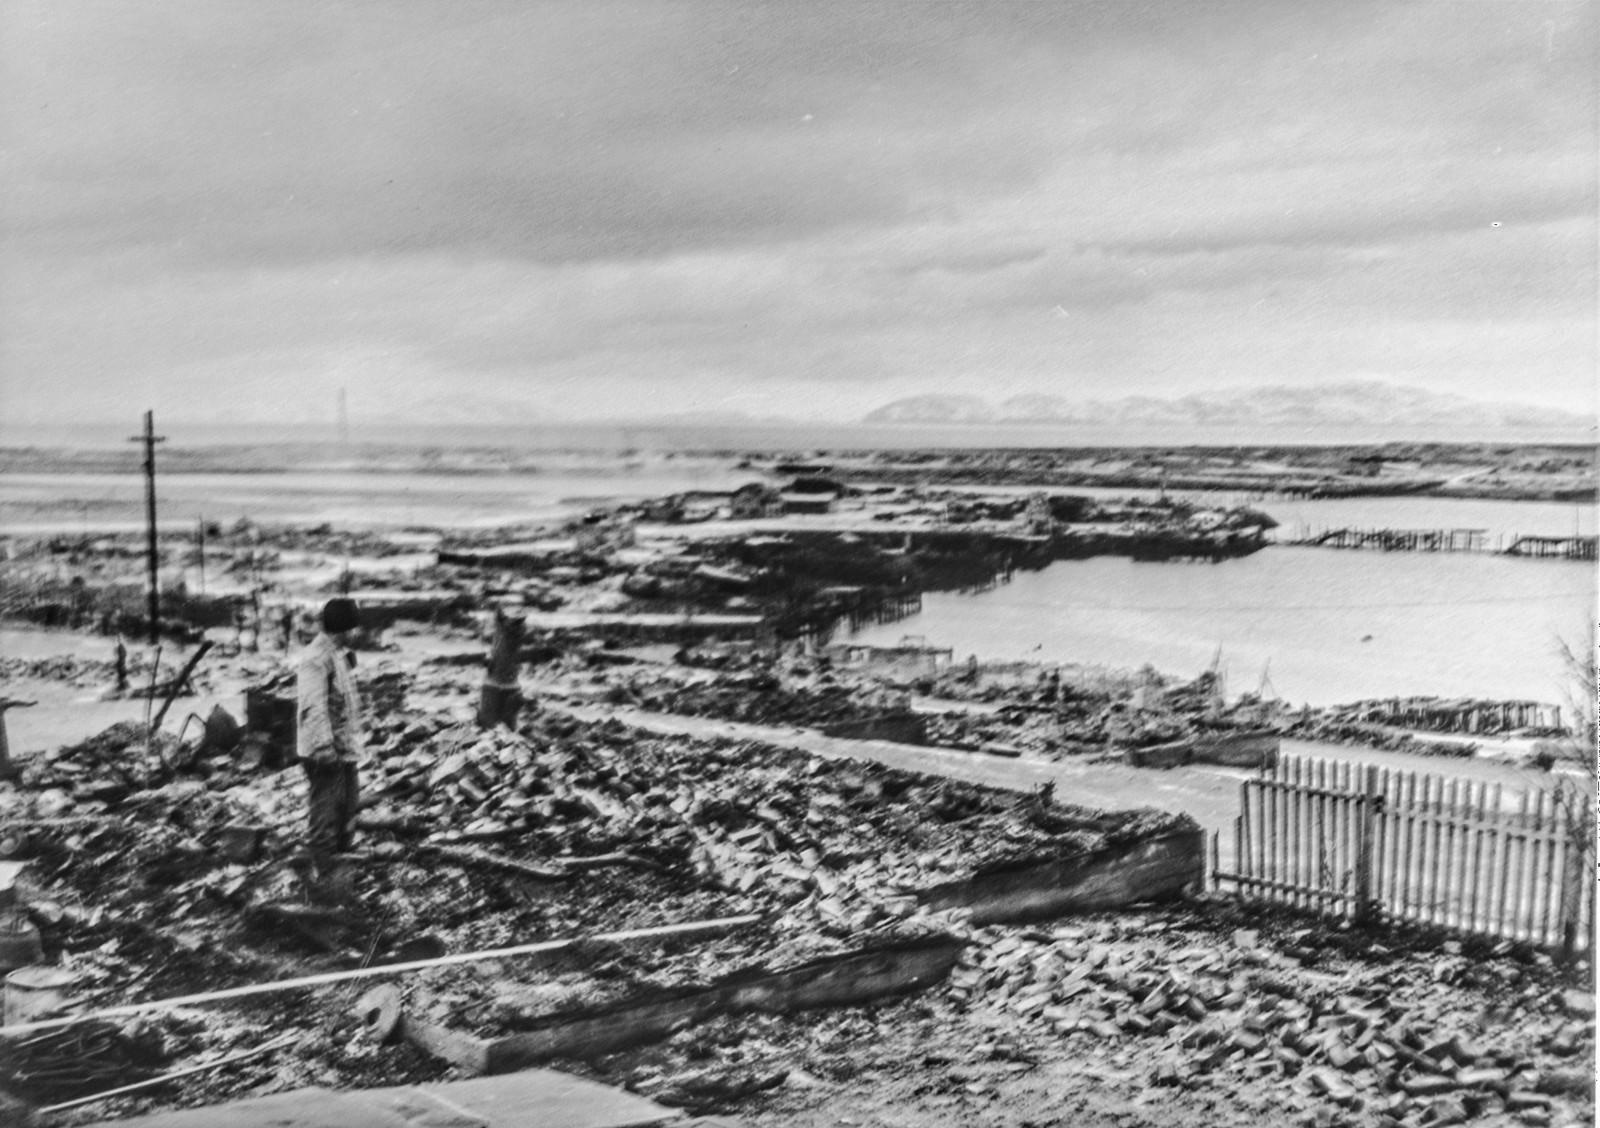 Under sin retrett i Nord-Norge har tyskerne lagt alt øde etter seg. Selv de minste husene er blitt brent eller sprengt i luften og alle transportmidler satt ut av funksjon. Bildet viser ruinene av forretningsstrøket i Vadsø.